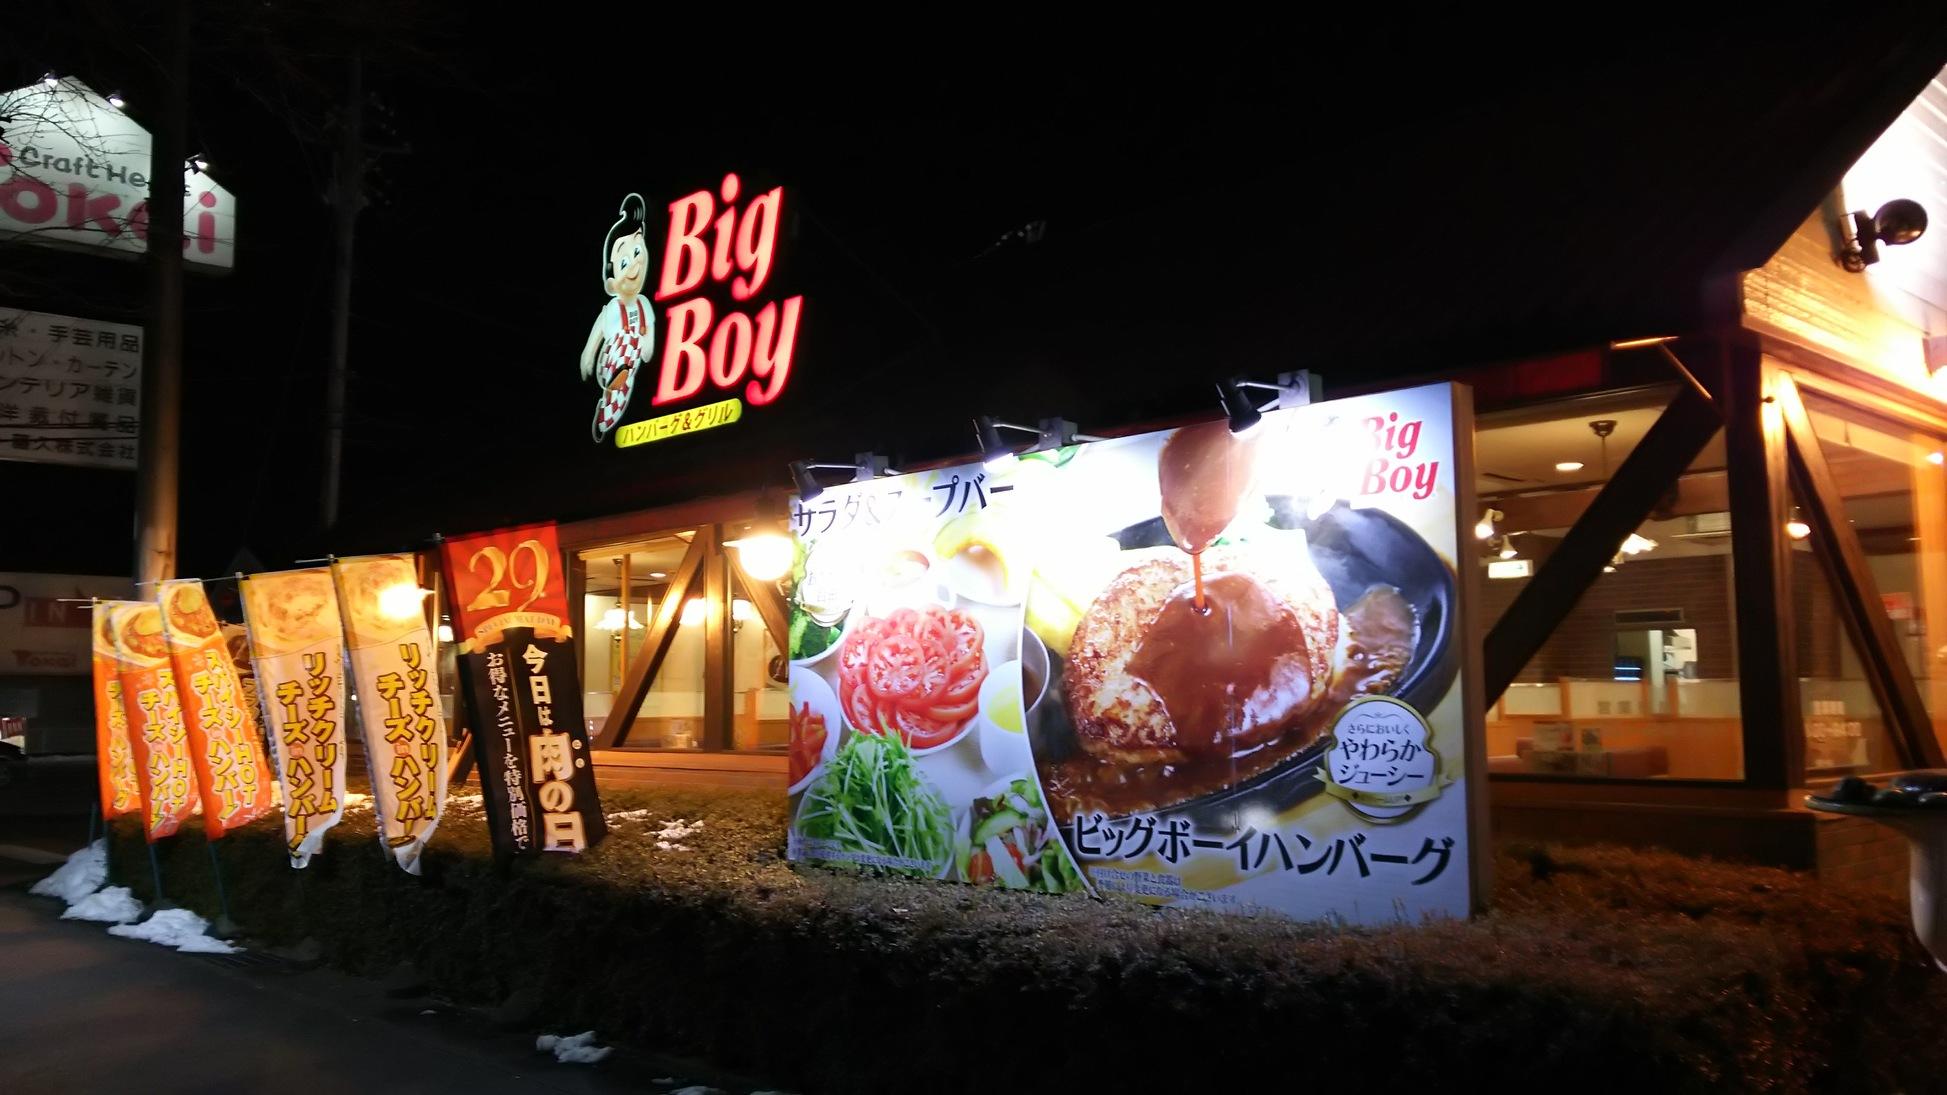 ビッグボーイ 鹿沼茂呂店 name=